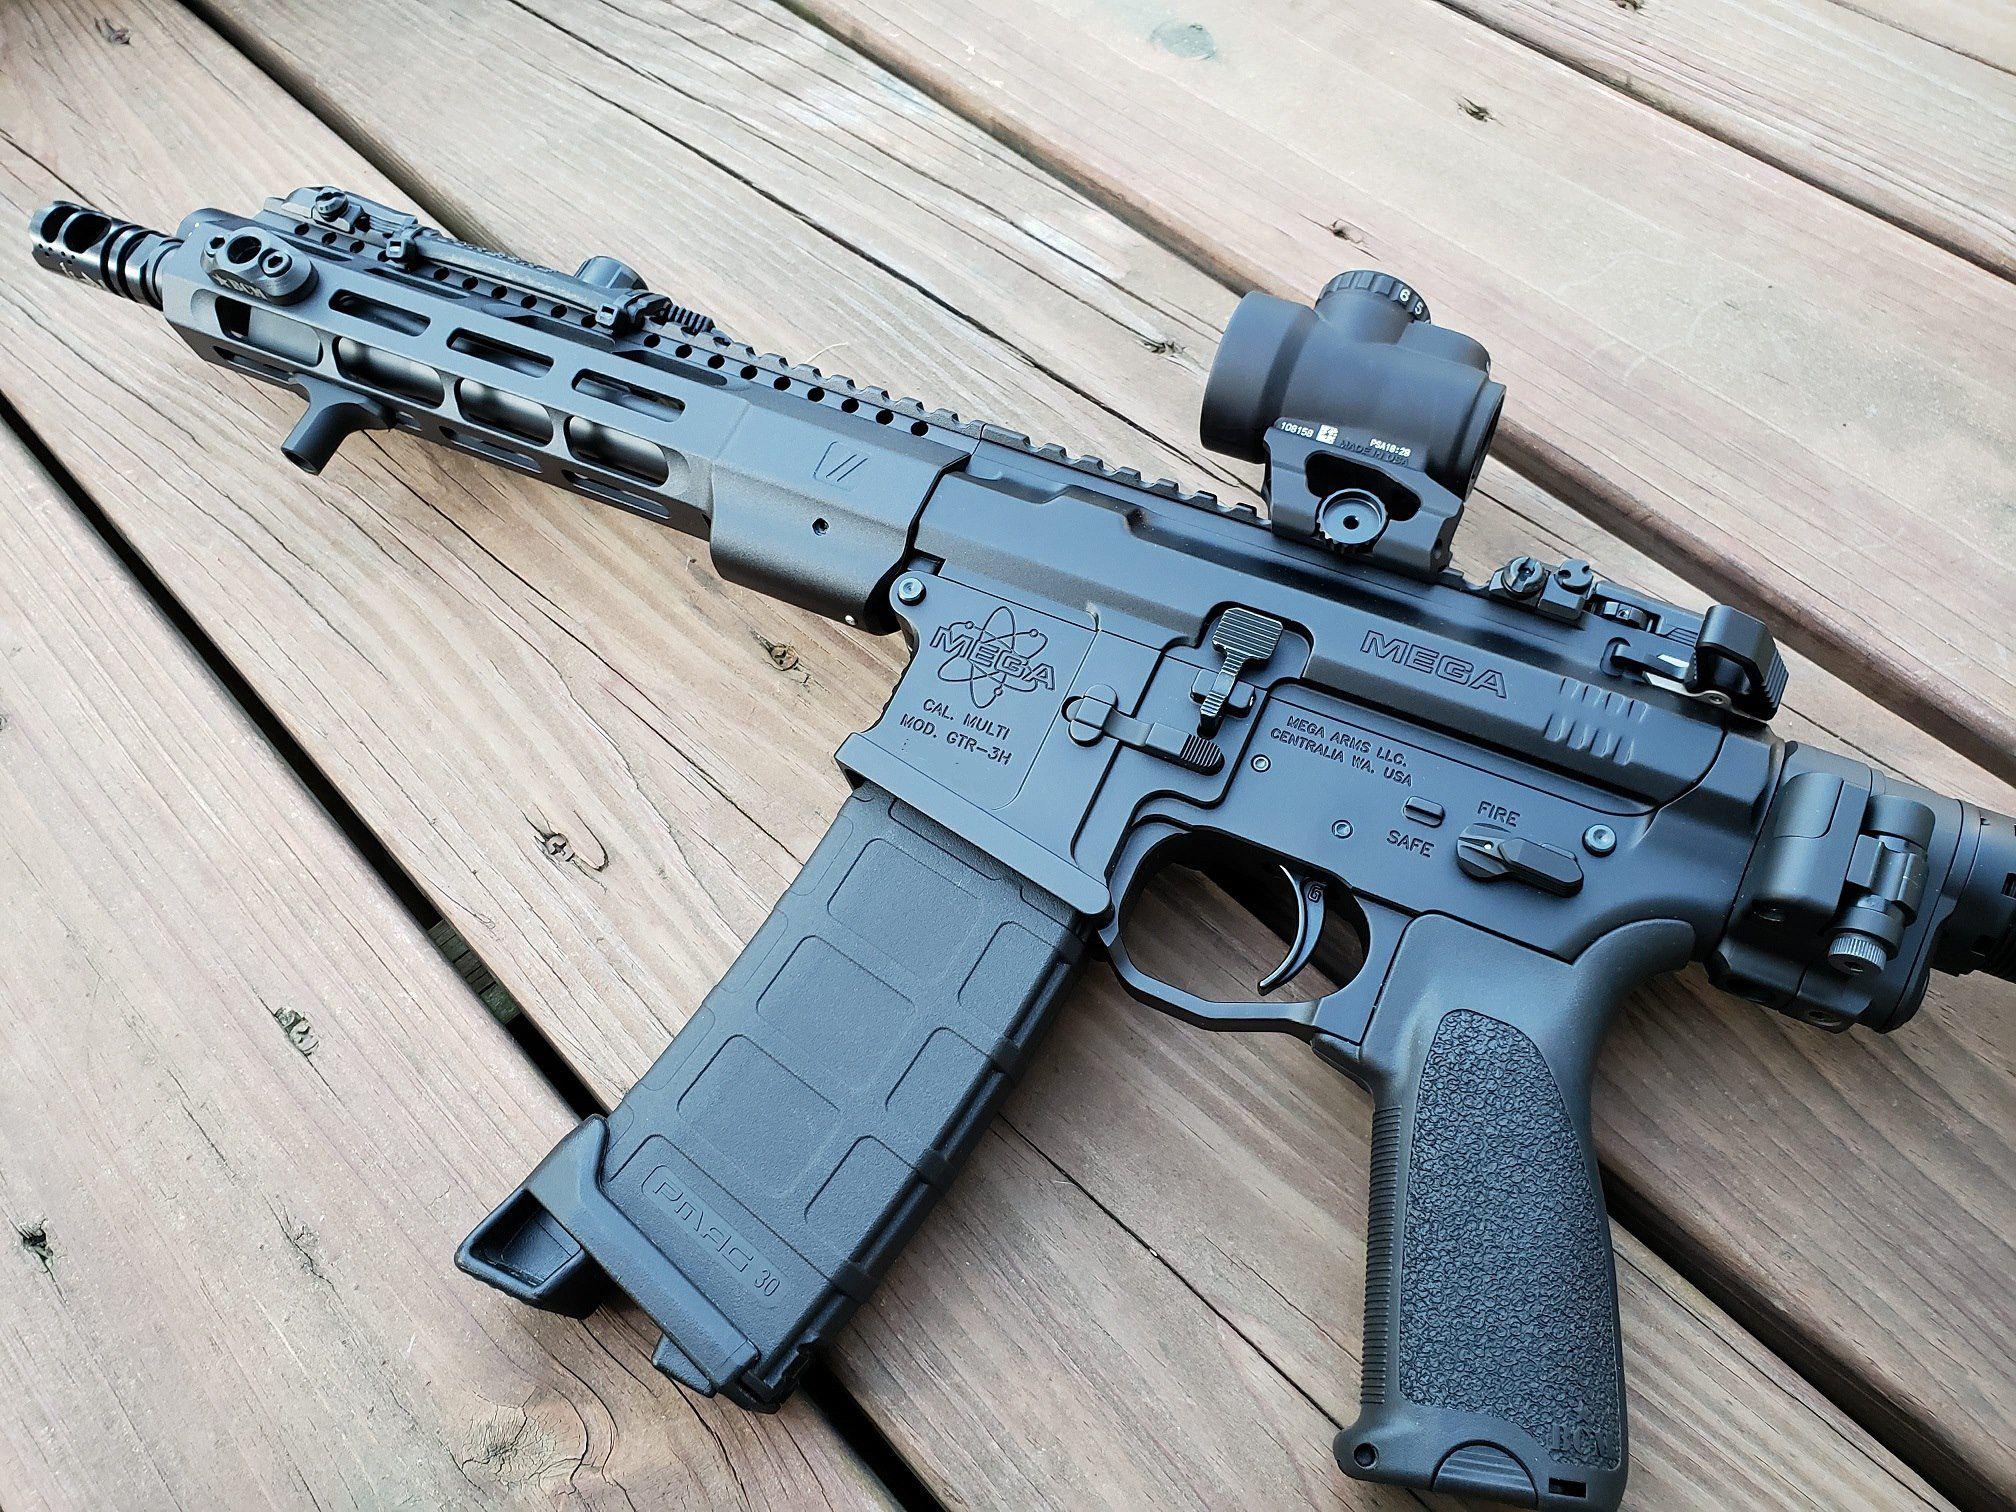 AR-15 Basic Upgrades - Fashion vs. Function